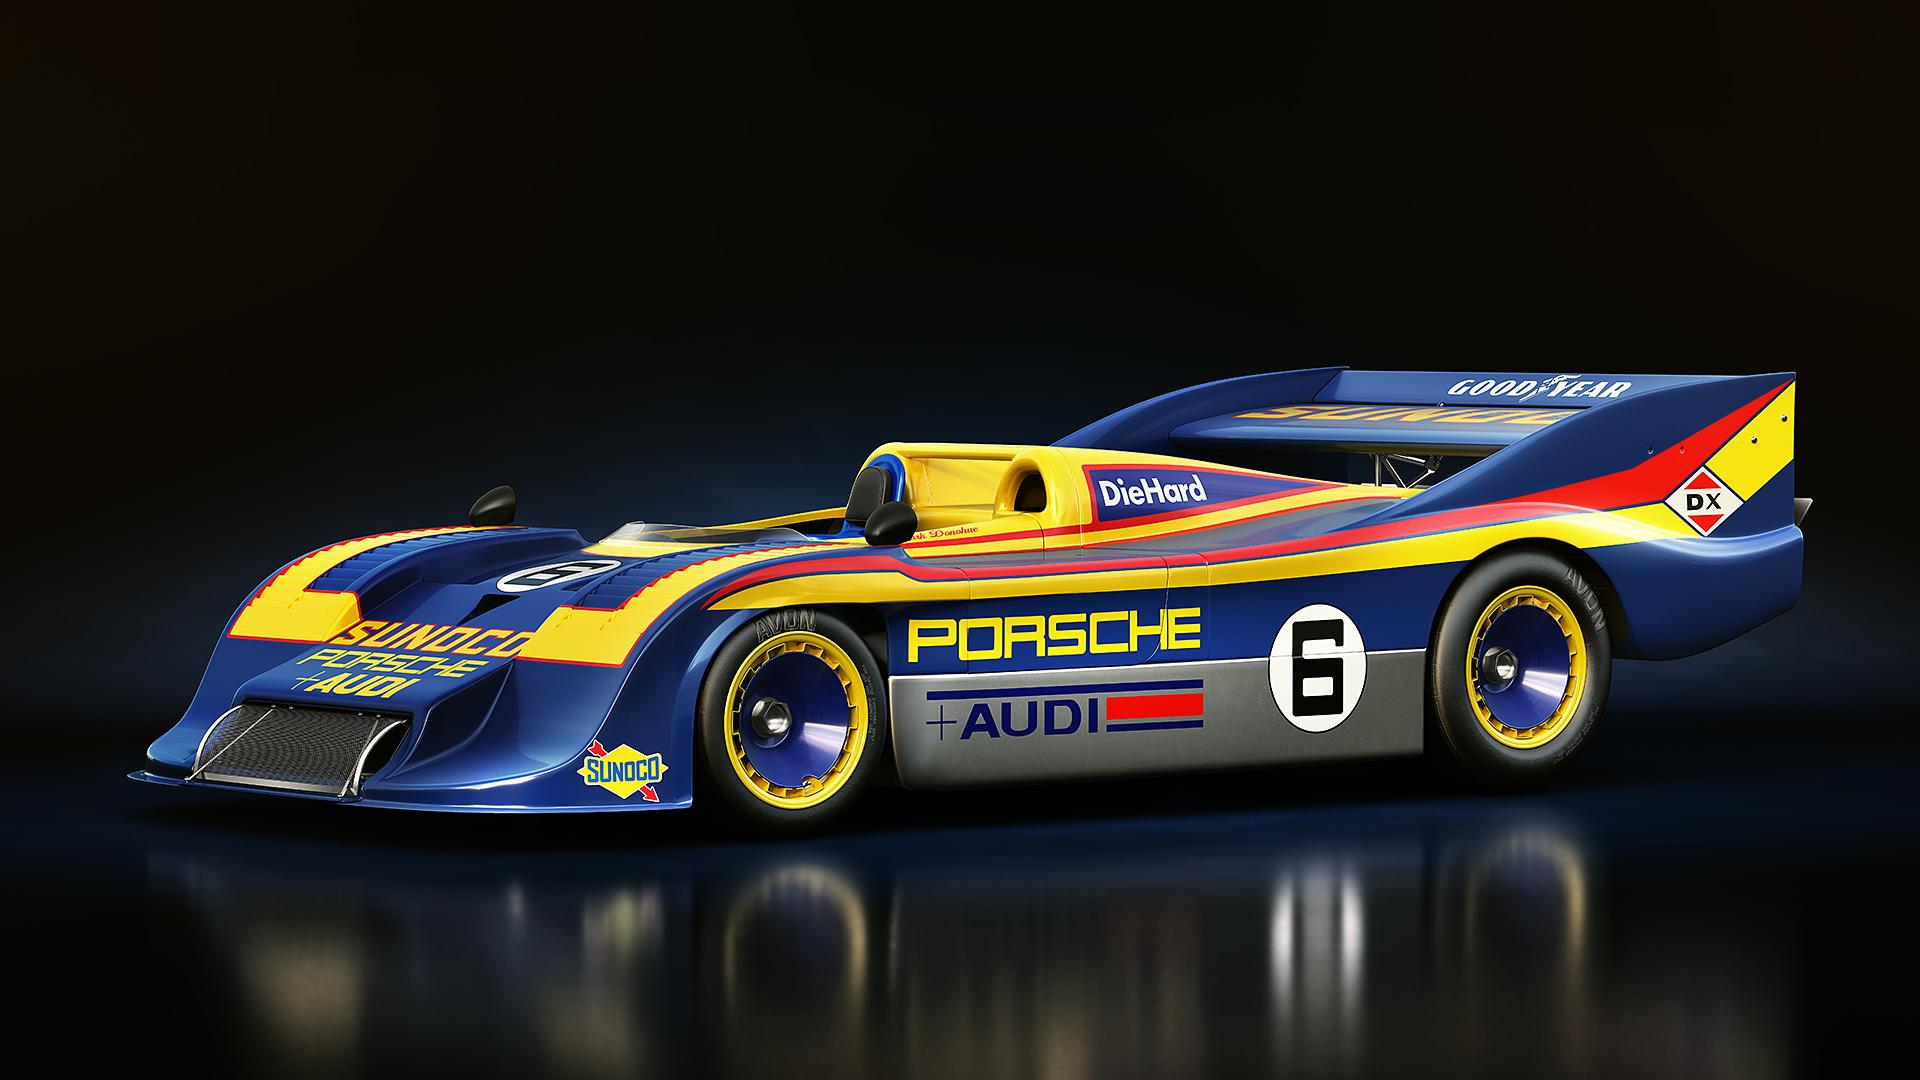 Spyder 3d Wallpaper Porsche 917 30 For Ac New Render Released Virtualr Net